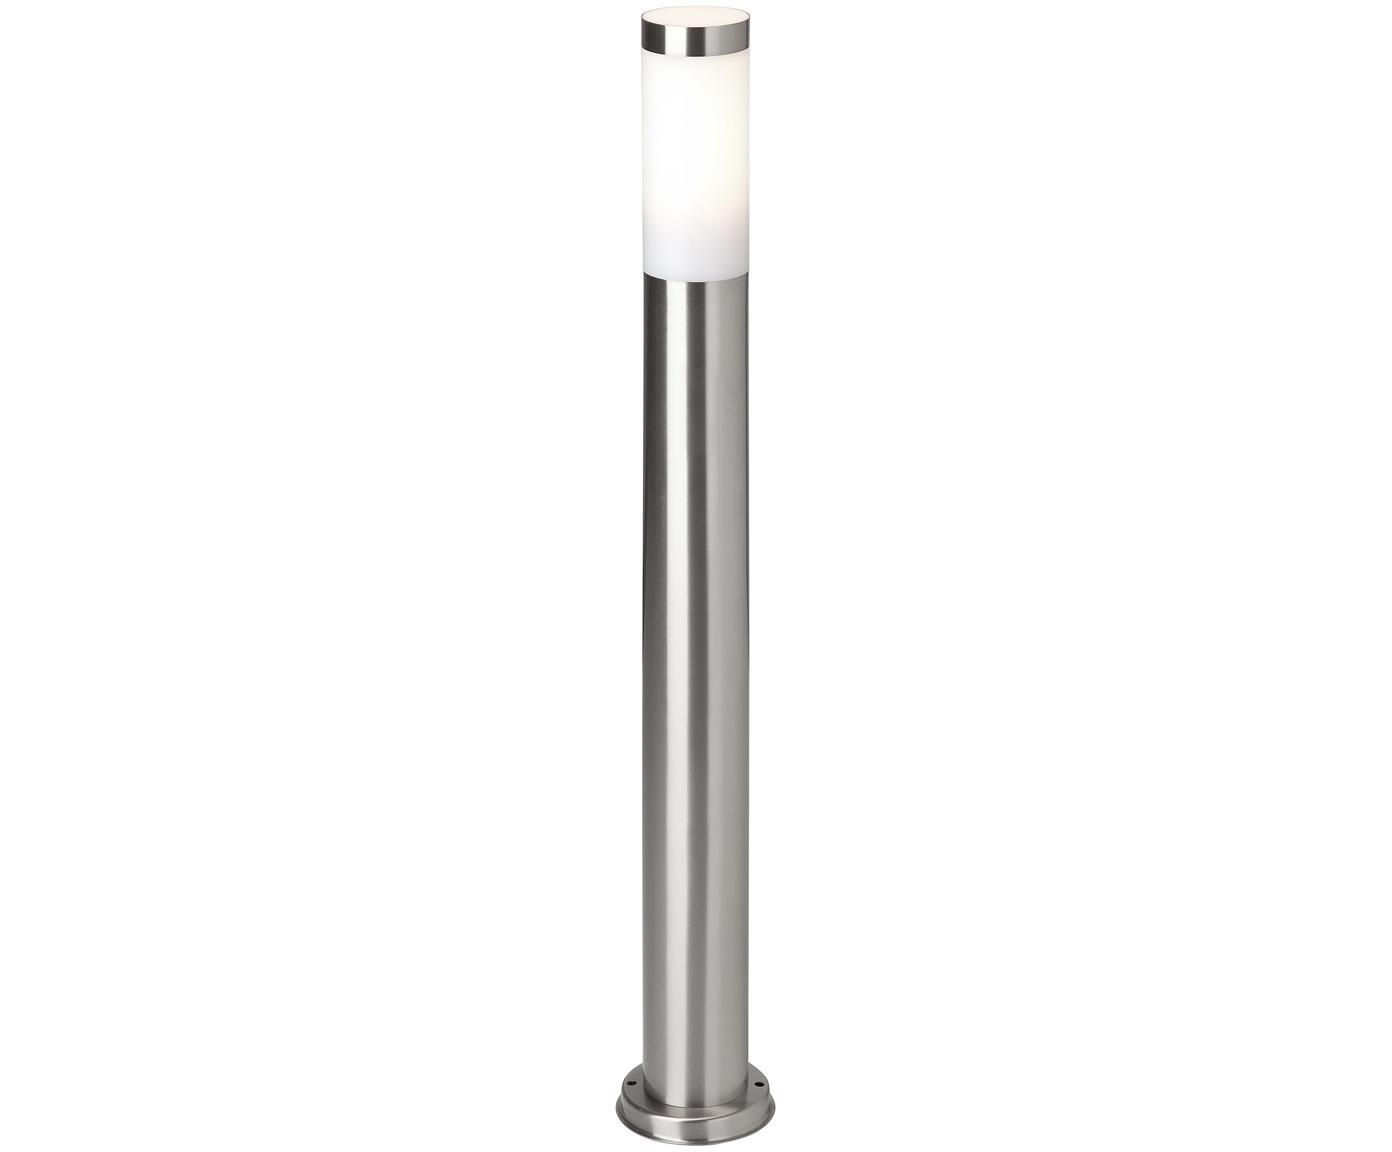 Zewnętrzna lampa podłogowa Chorus, Stal szlachetna , biały, Ø 8 x W 80 cm